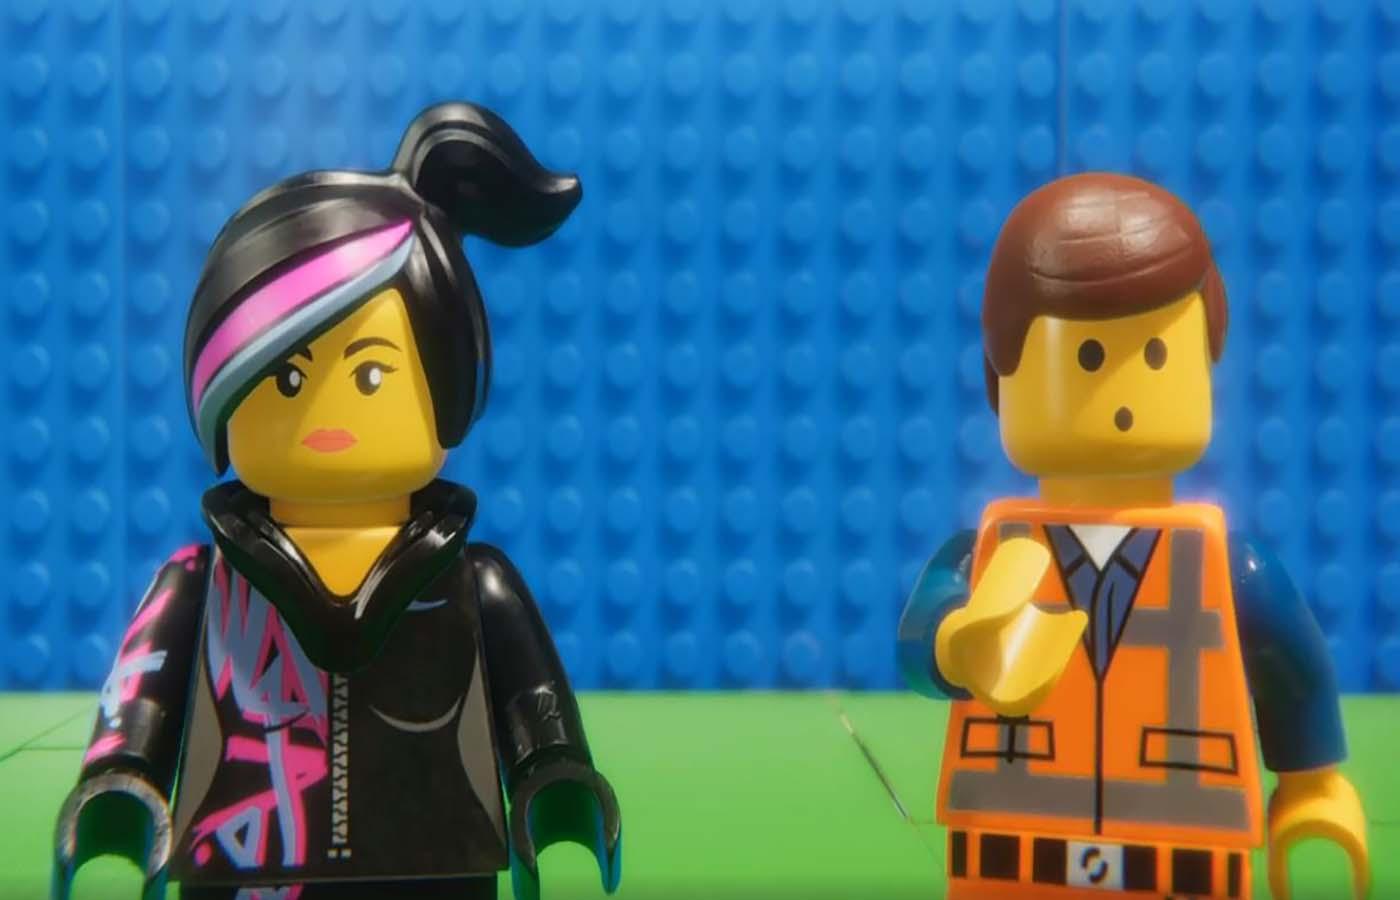 Το Τραγούδι των Lego για να μείνεις ασφαλής στο Σχολείο – Thisisus.gr